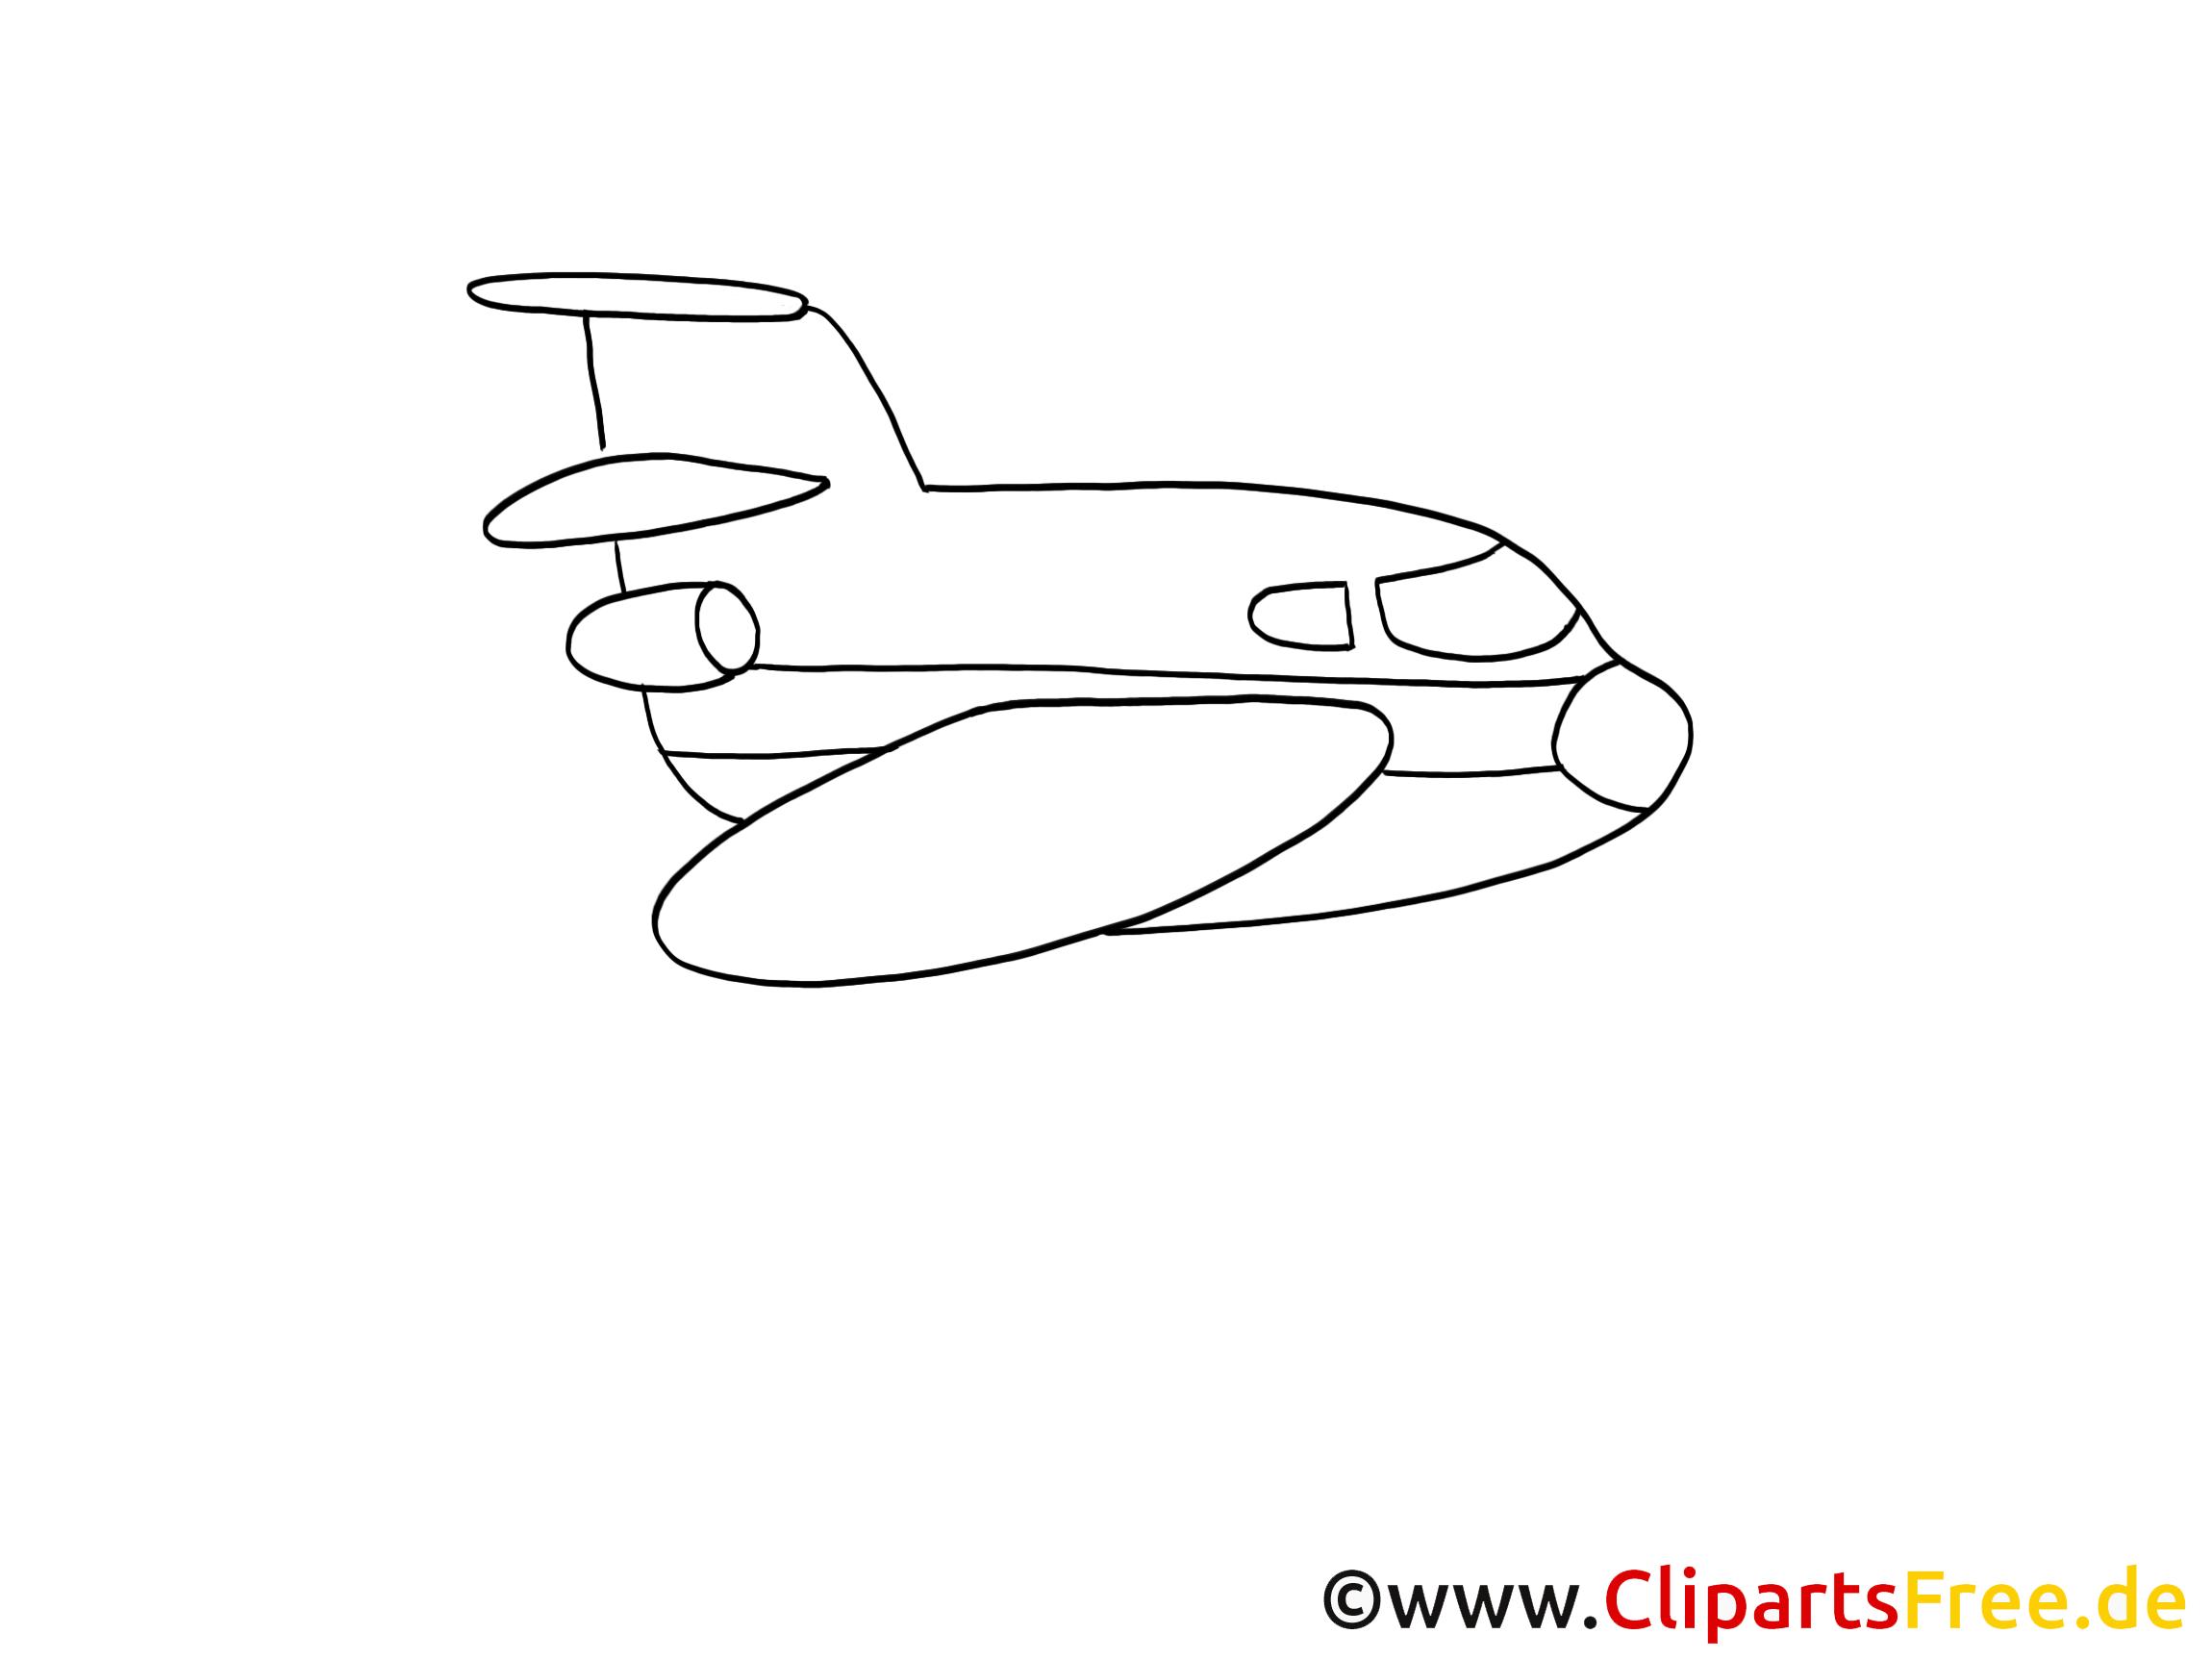 Flugzeug Zeichnung, Grafik schwarz-weiss, Clipart, Bild